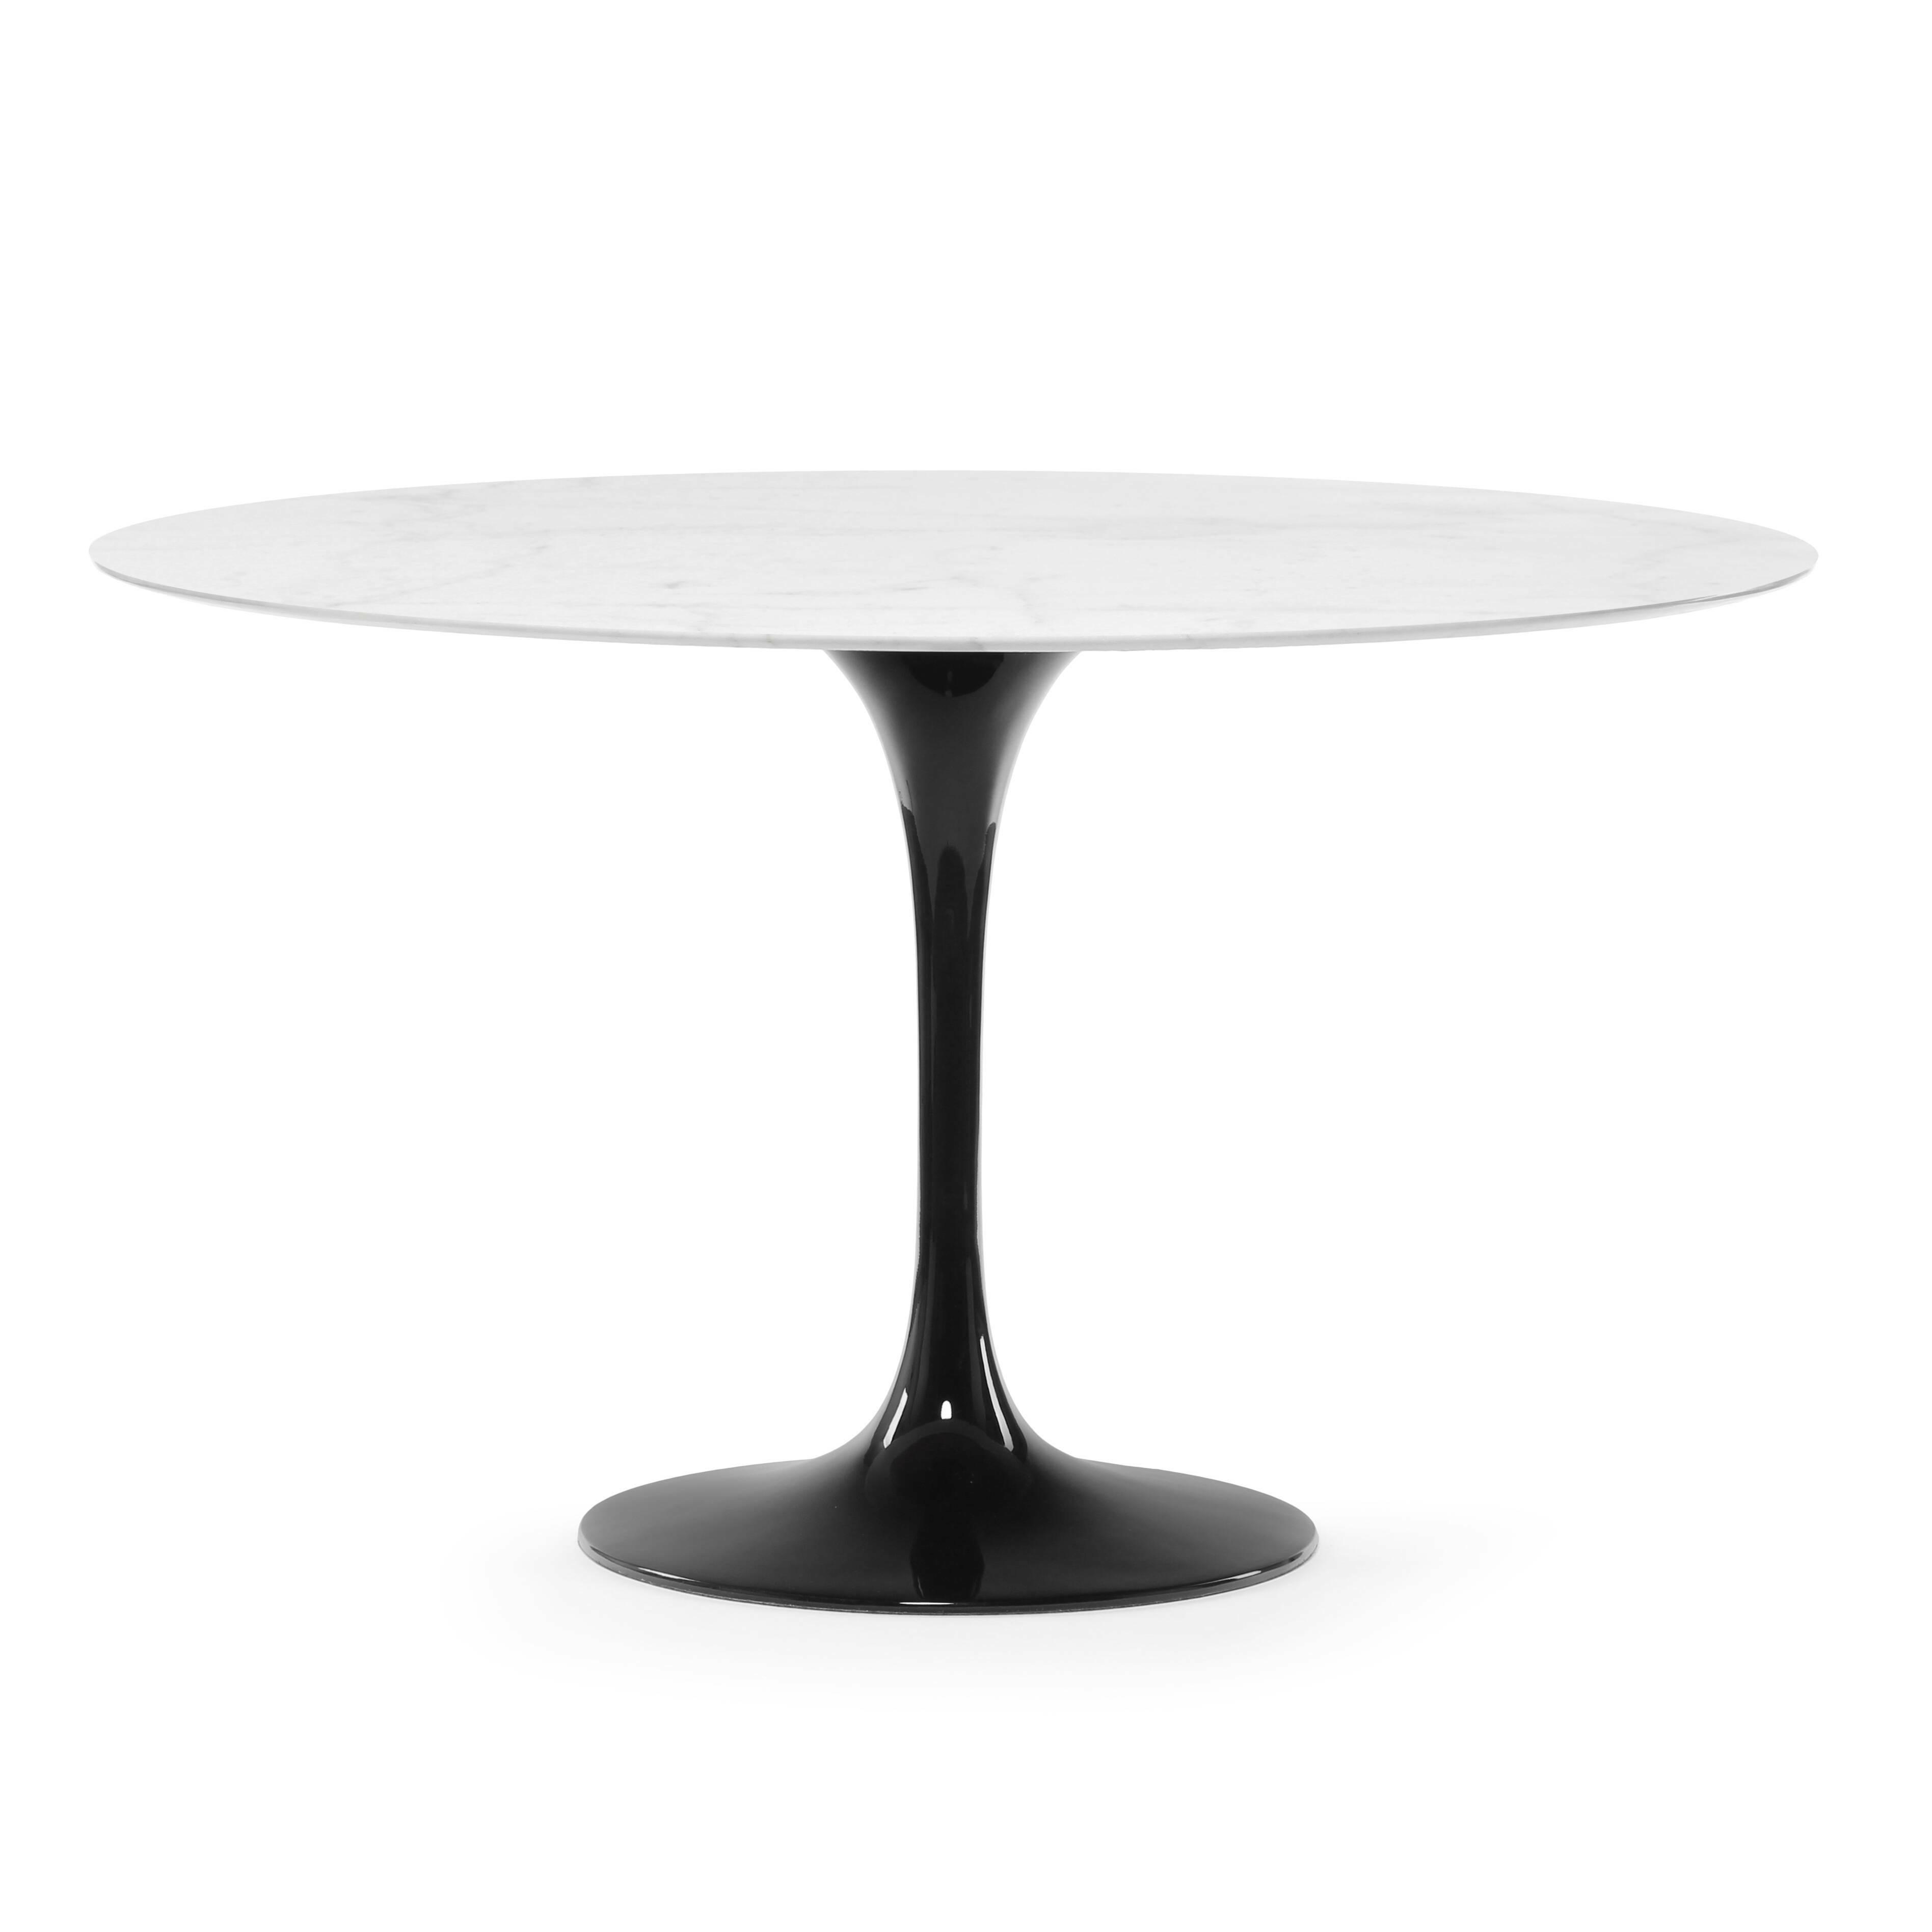 Обеденный стол Tulip диаметр 122Обеденные<br>Дизайнерская глянцевый белый обеденный стол Tulip (Тулип) овальный на одной ножке с мраморной столещницей от Cosmo (Космо).У каждого знаменитого дизайнера прошлого столетия есть своя «формула вечного дизайна», а значит, есть и произведения дизайнерского искусства, которые уже много лет не выходят из моды, не теряют своей актуальности и востребованы по сей день. Стол Tulip как раз был разработан при помощи такой формулы, которую вывел Ээро Сааринен. Изящная ножка-тюльпан и круглая столешница, ...<br><br>stock: 0<br>Высота: 72<br>Диаметр: 122<br>Цвет ножек: Черный глянец<br>Цвет столешницы: Белый<br>Материал столешницы: Мрамор китайский<br>Тип материала столешницы: Мрамор<br>Тип материала ножек: Алюминий